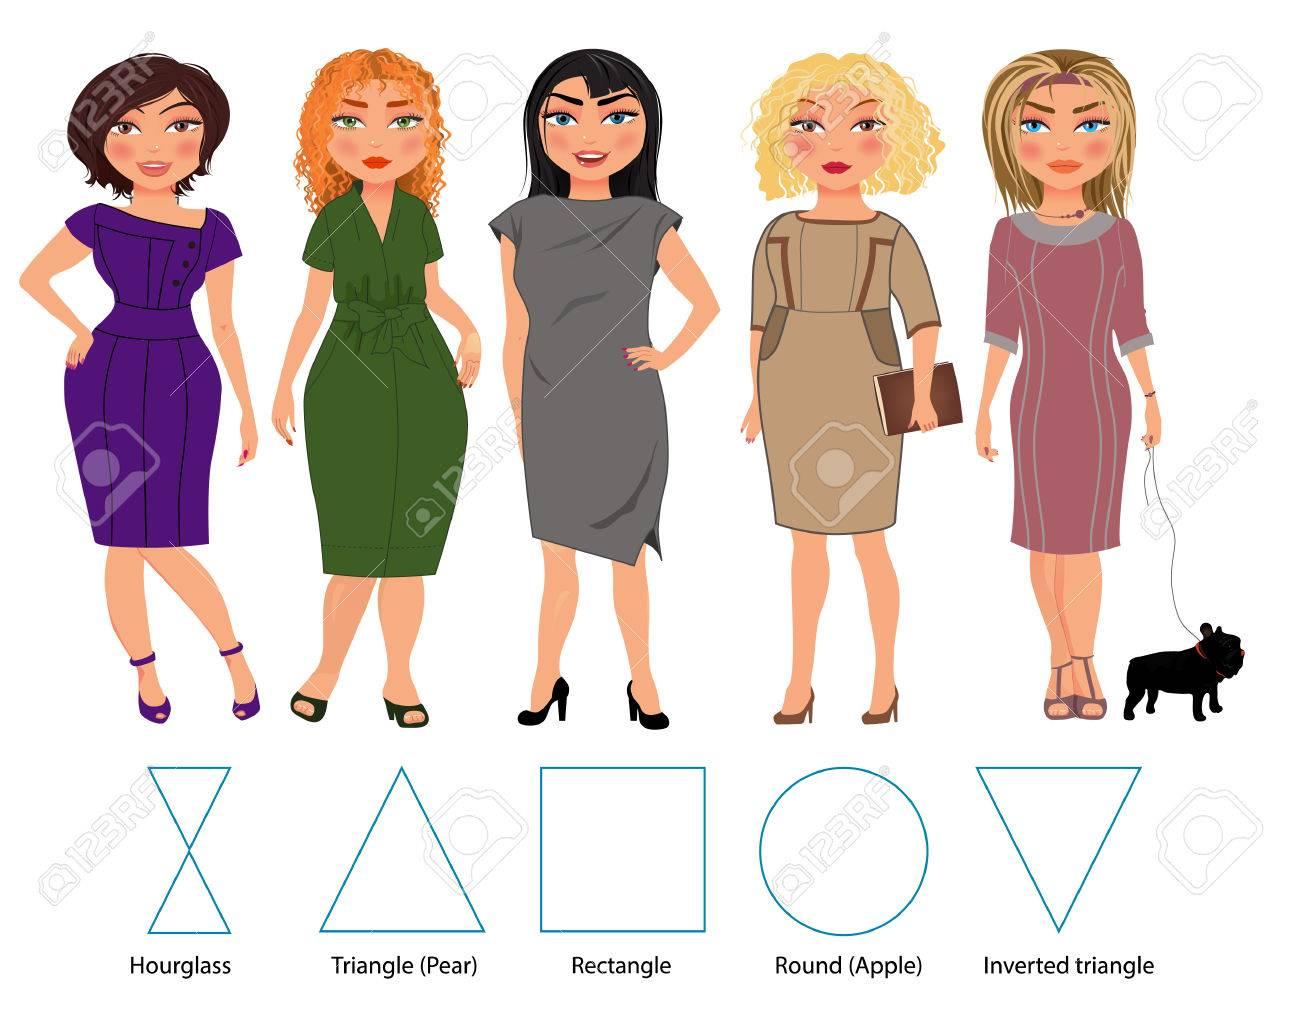 fünf typen von frau figuren in bussiness kleider: sanduhr, dreieck,  restangle, rund und umgekehrtes dreieck, vektor hand gezeichnete  illustration